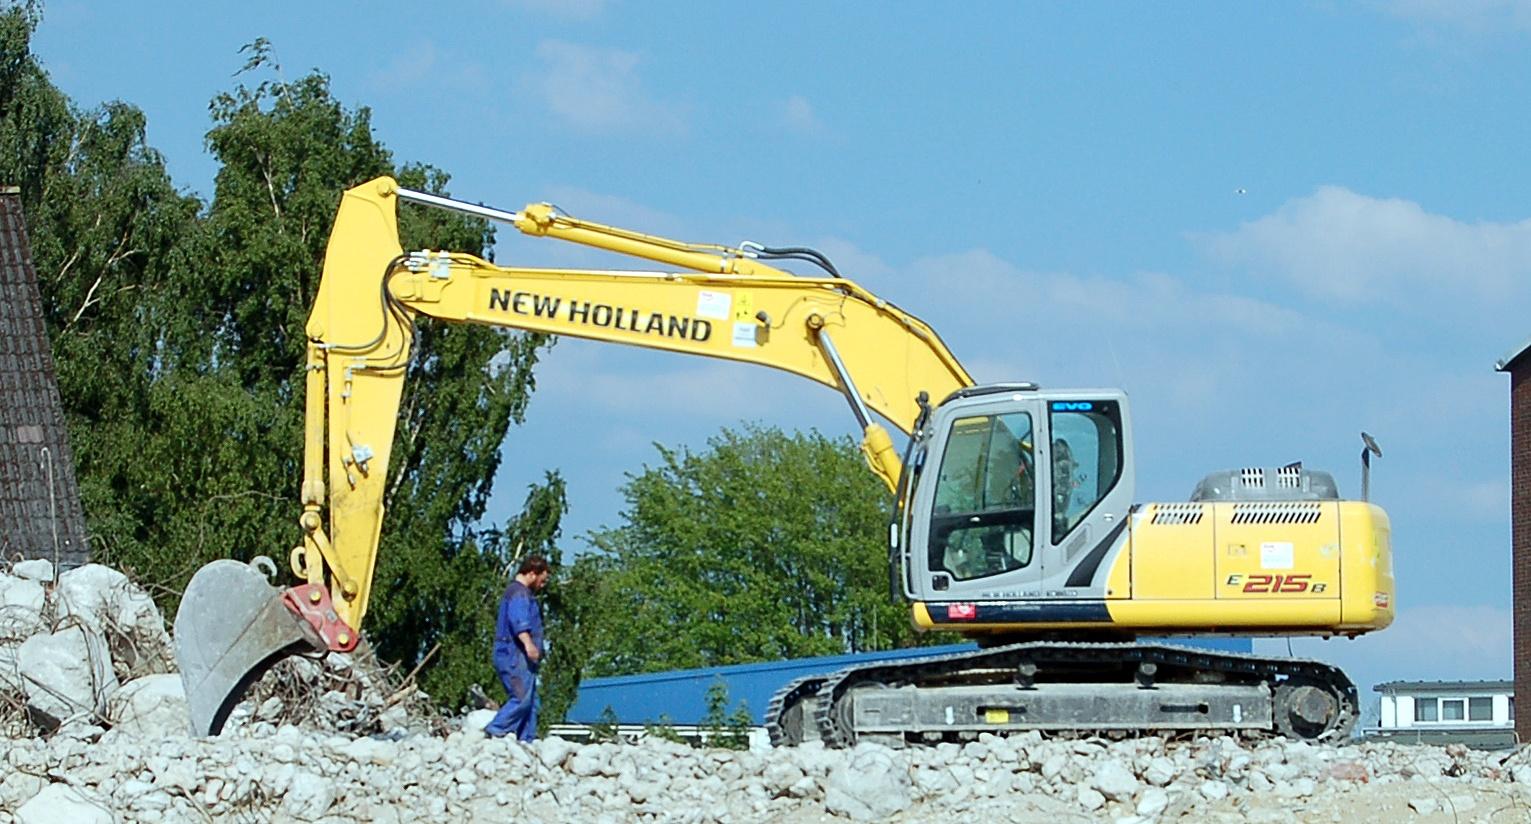 ... crawler excavator service repair manual rh slideshare net e215b e245b  Array - new holland e215b e215blc h8 engine hydraulic excav rh sellfy com